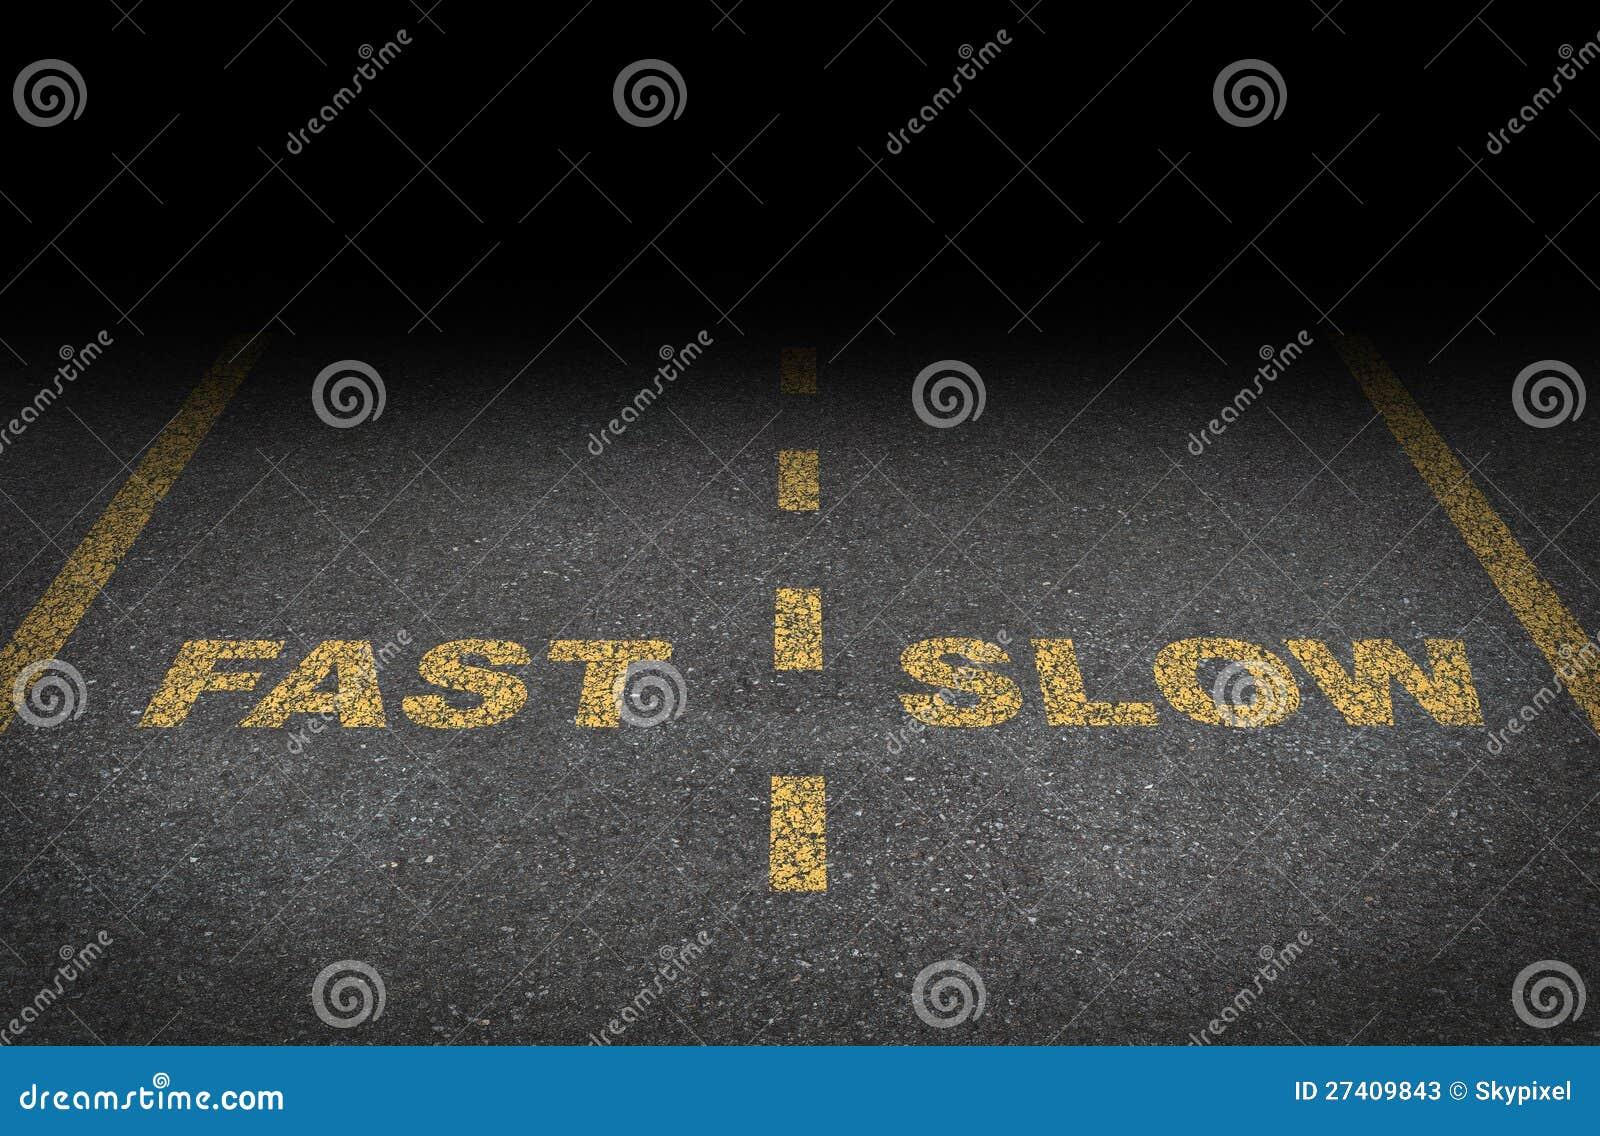 Pistas rápidas e lentas